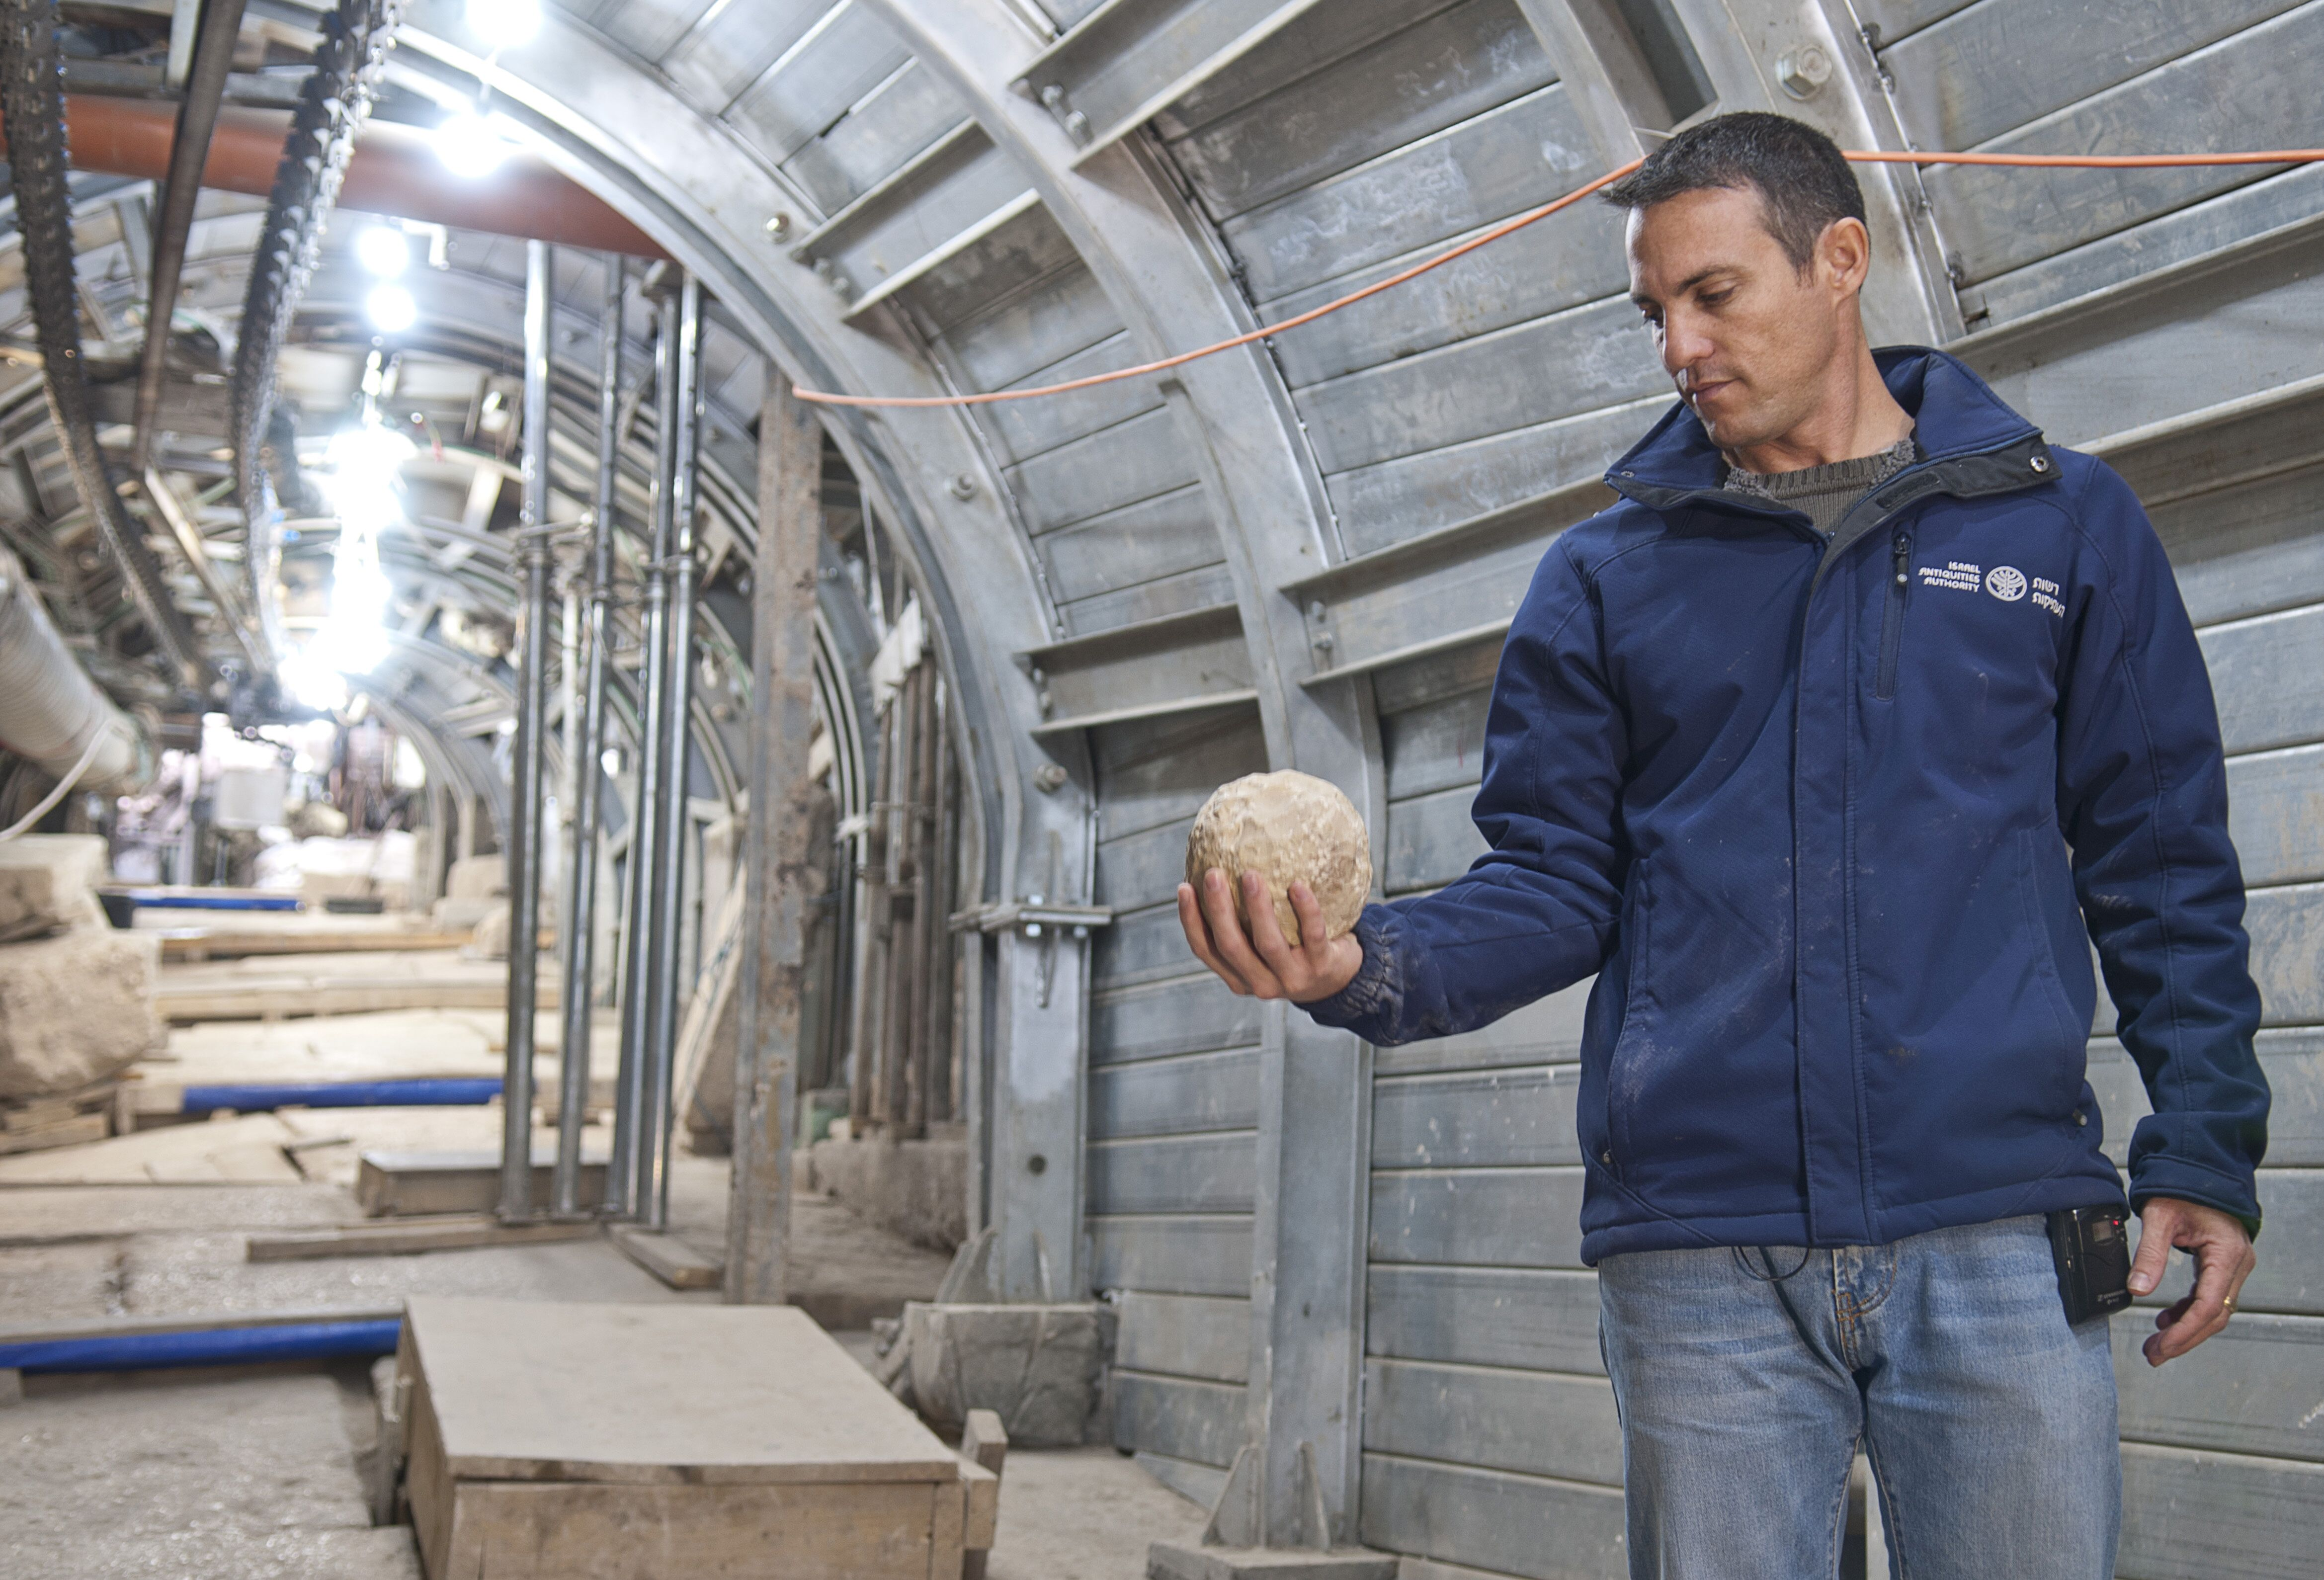 נחשון זנטון, ממנהלי חפירת הרחוב, מחזיק אבן בליסטרה שסביר כי שמשה בקרב במהלך המרד הגדול. צילום: שי הלוי